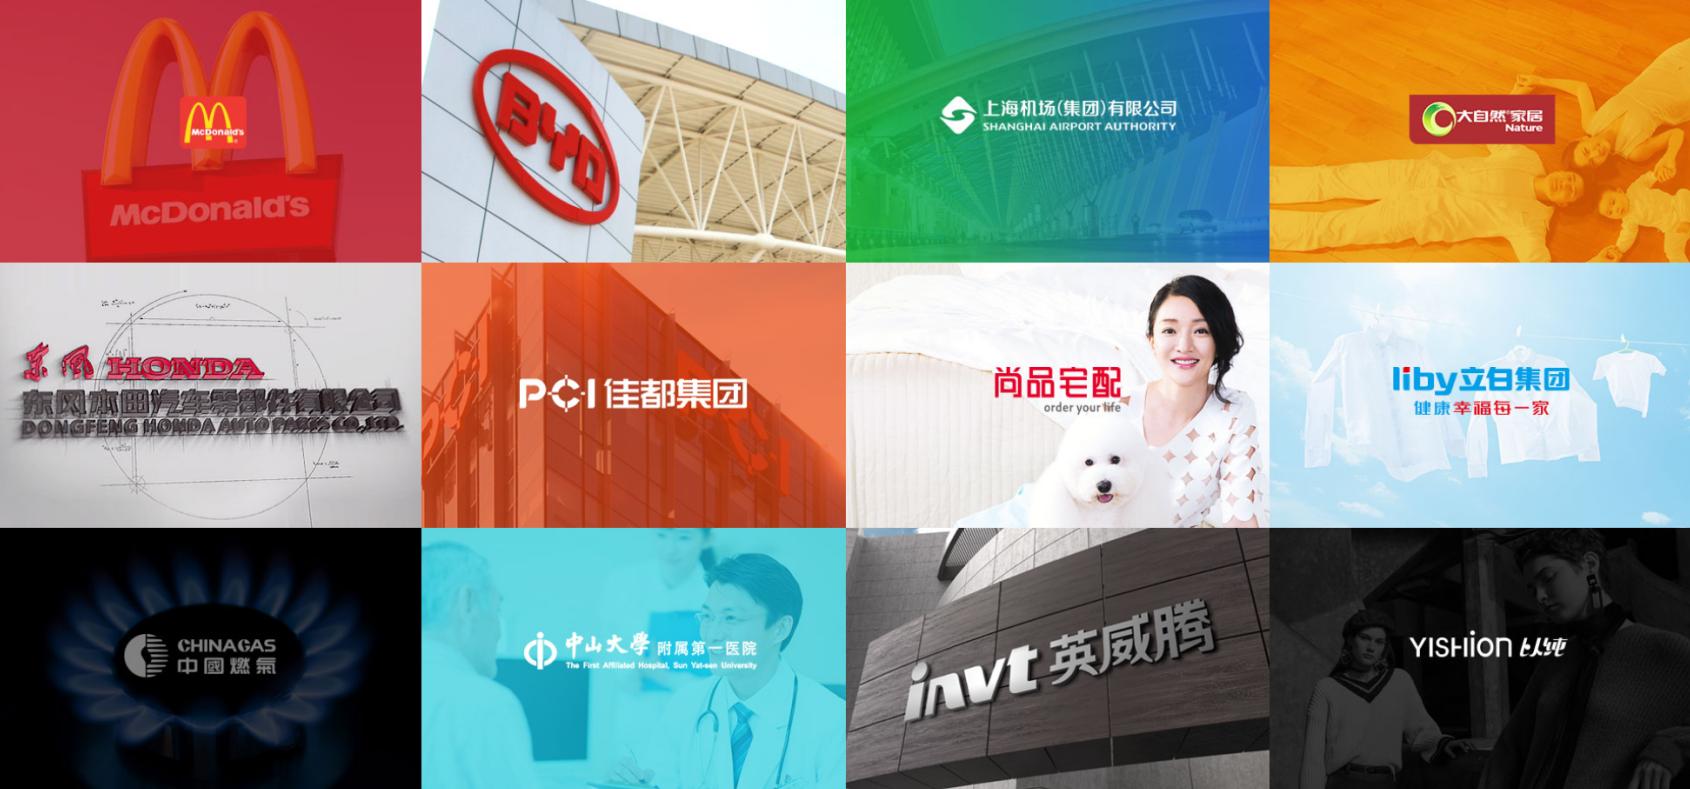 _小程序开发微信开发定制微官网公众平台制作设计商城社区公众号15